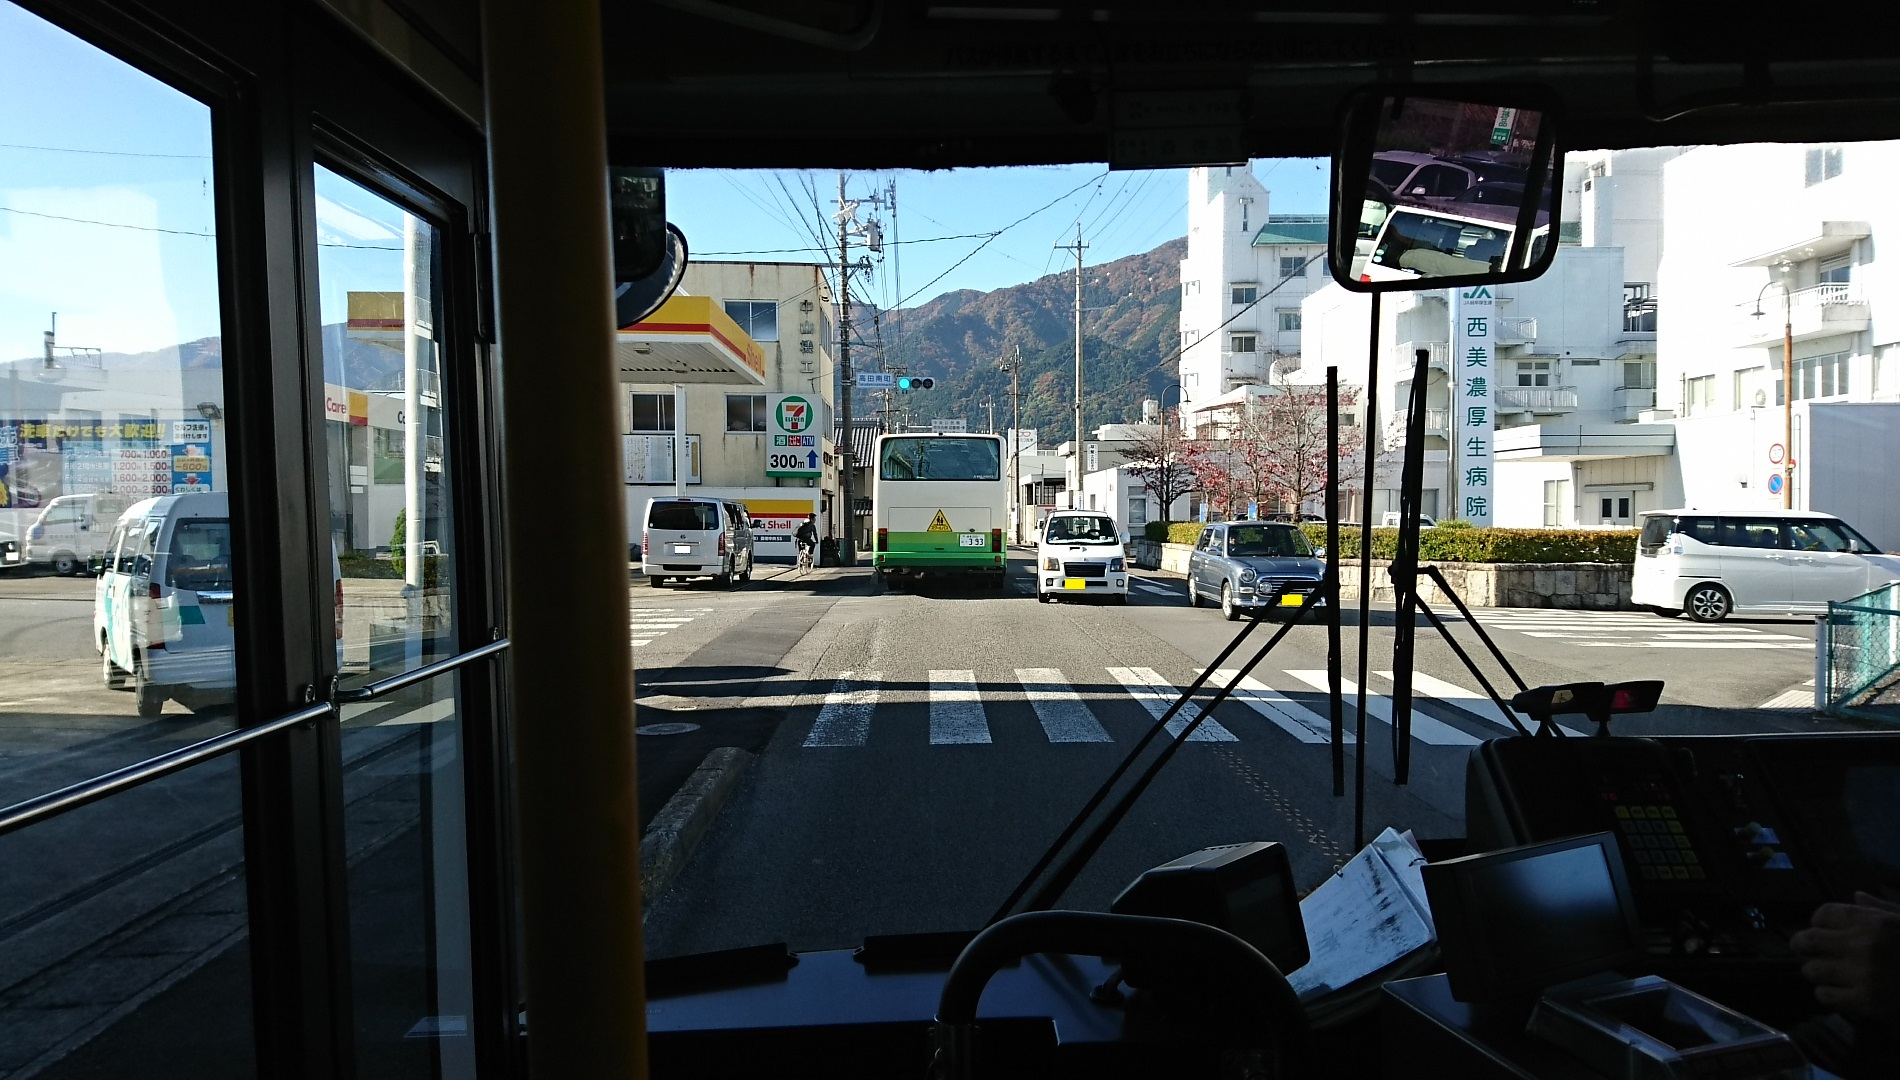 2016.11.16 大垣多良線 (17) 高田南町交差点 1900-1080